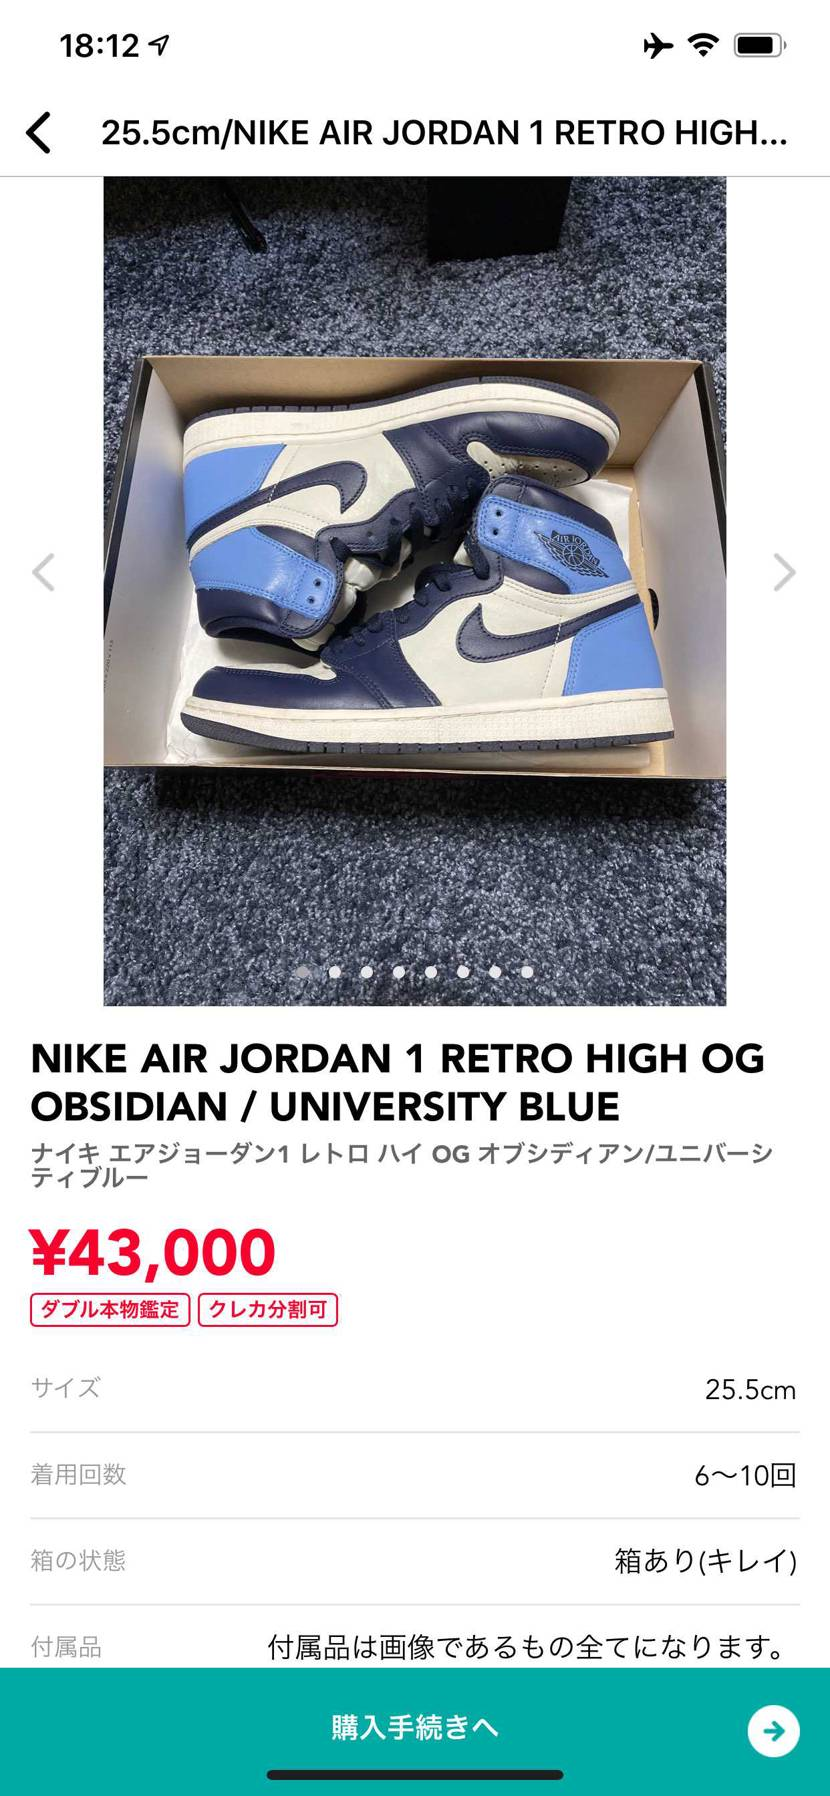 3万5千円なら